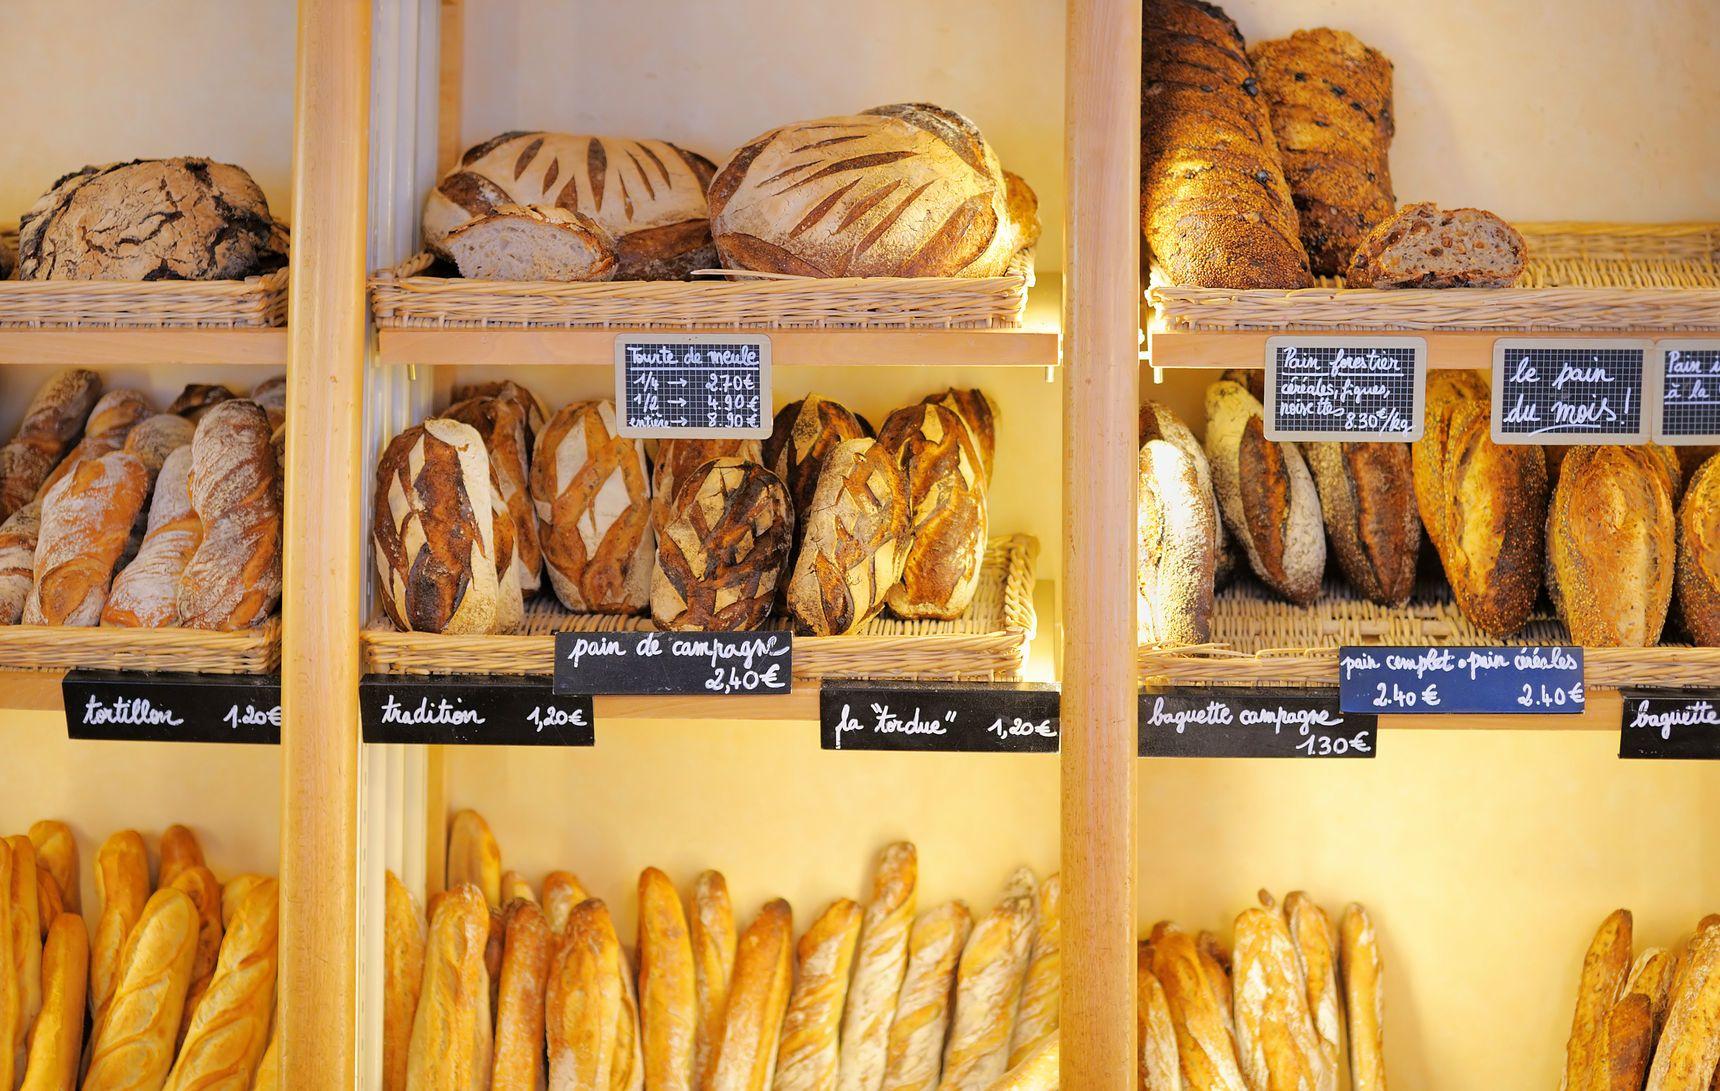 Francouzské pekařství | marysmn/123RF.com